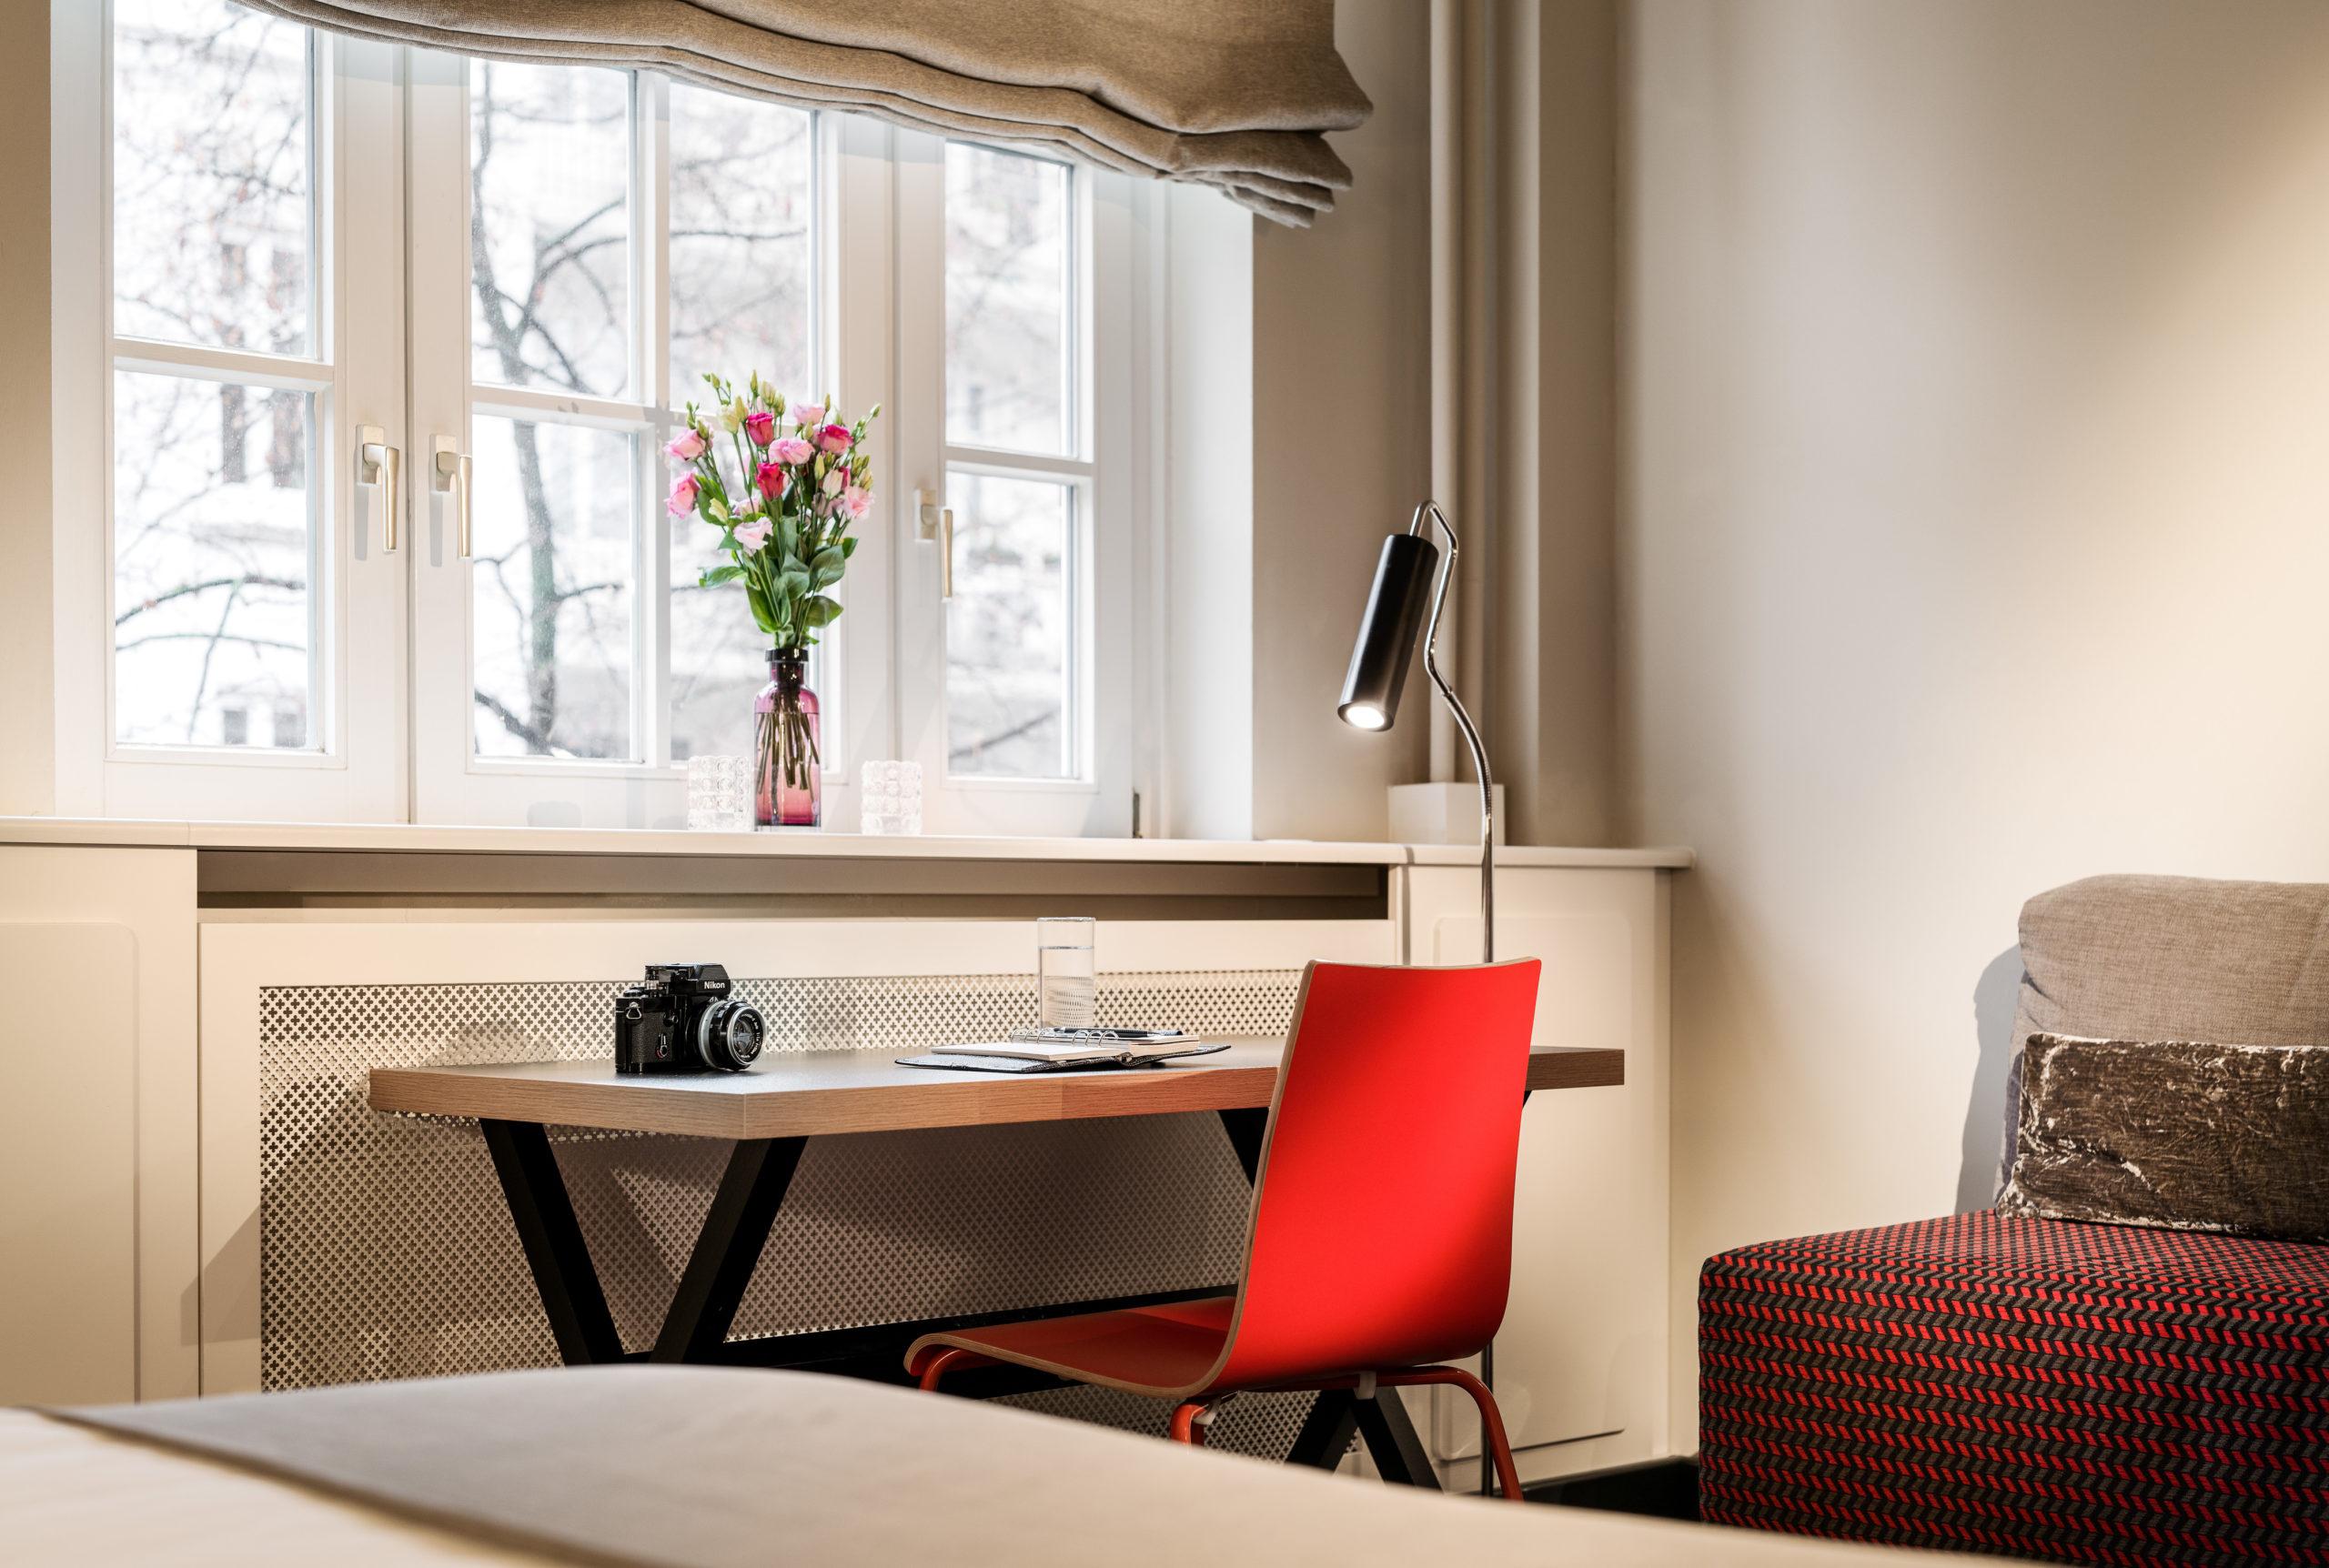 Ferienwohnungen in Hamburg Mitte: unsere Apartments im Apartmenthotel Apartment040